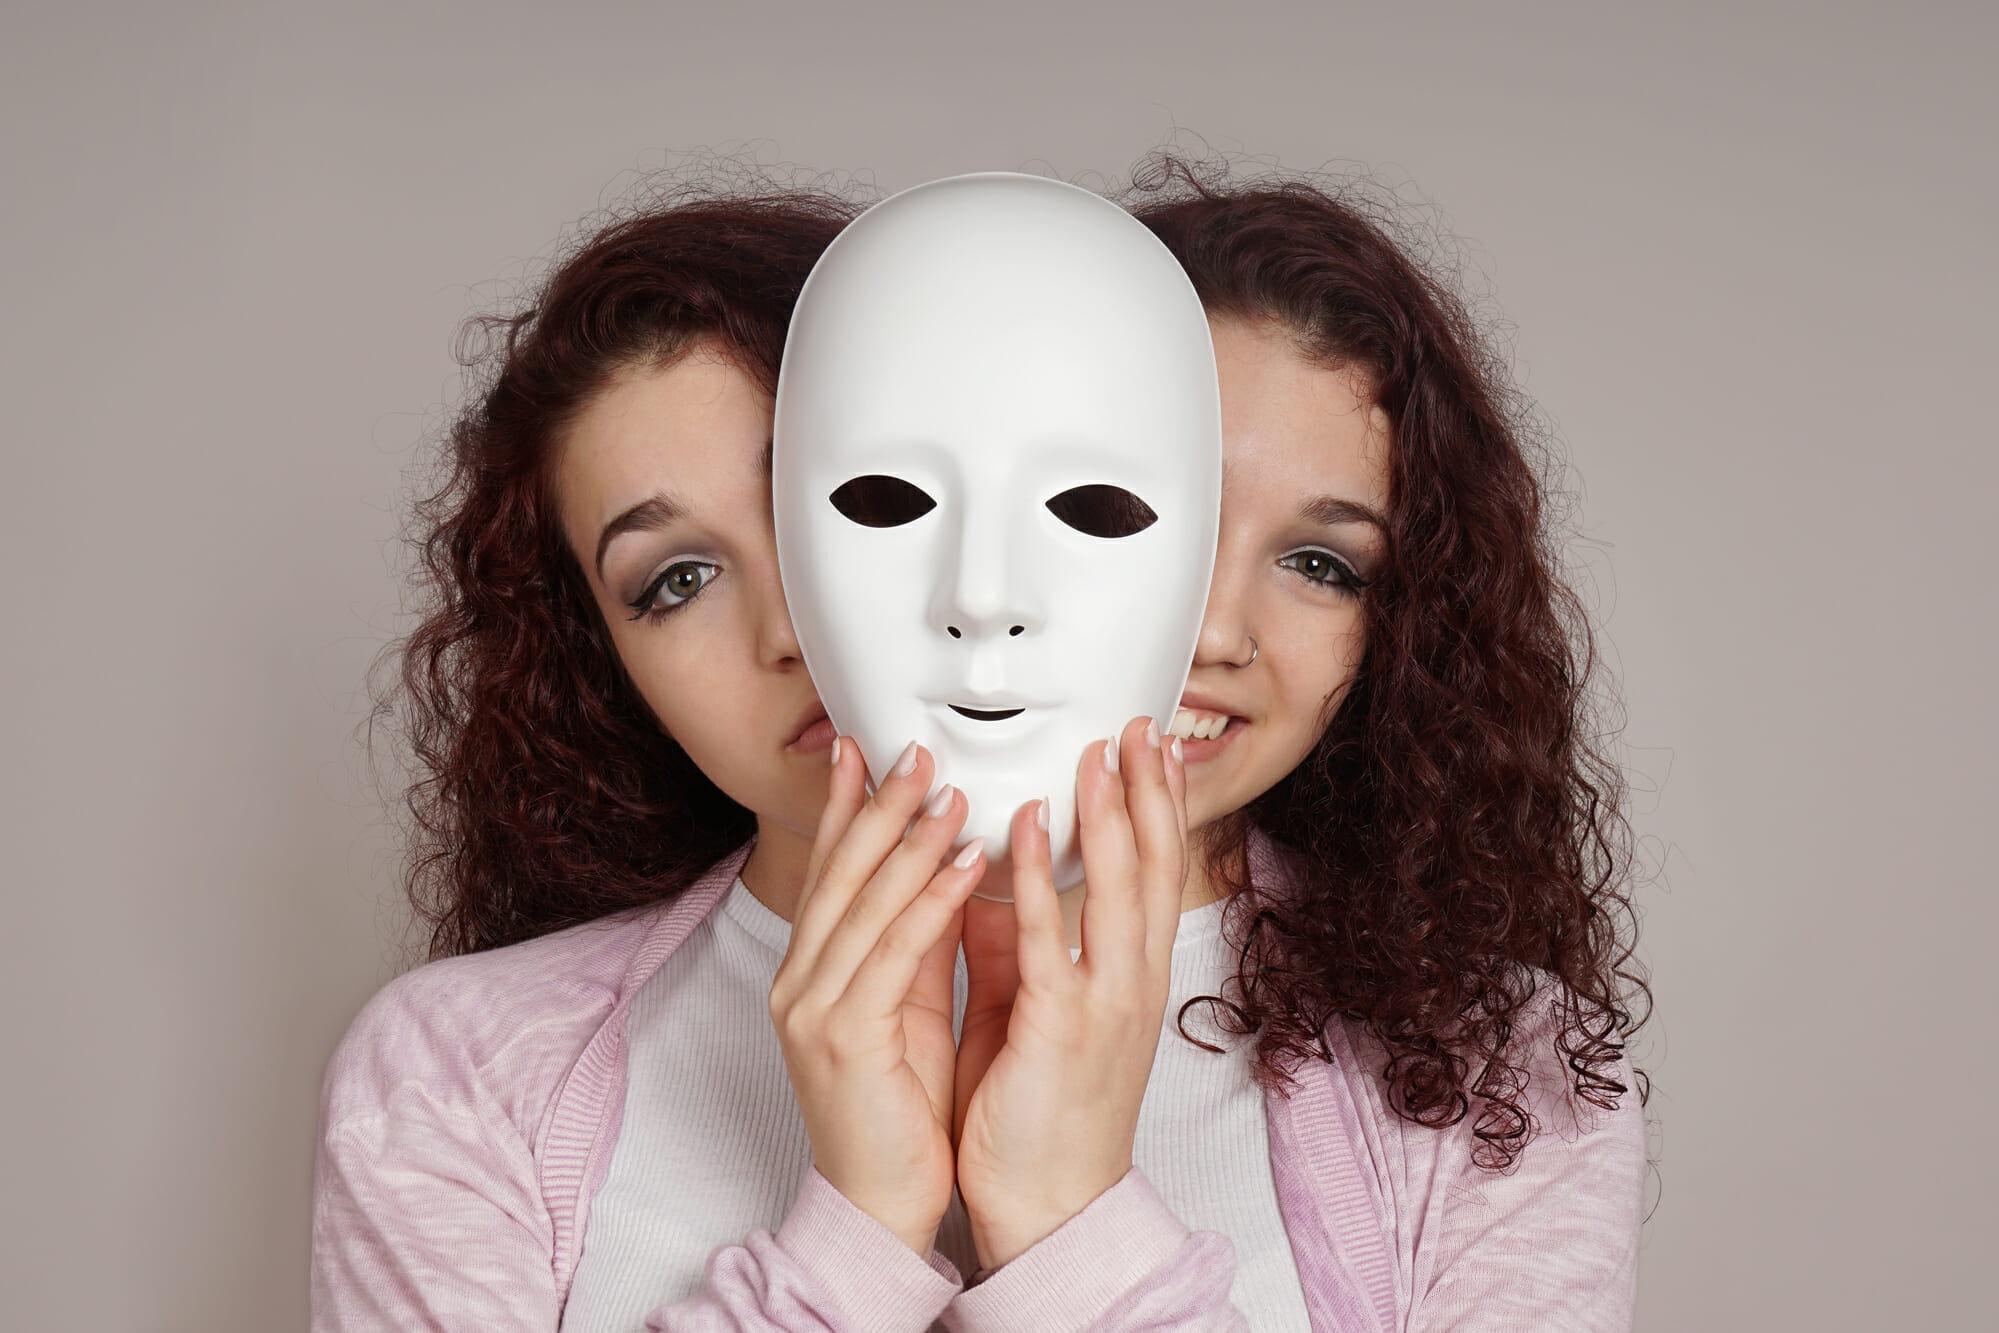 картинки с настроениями психология всегда обсуждаю парой